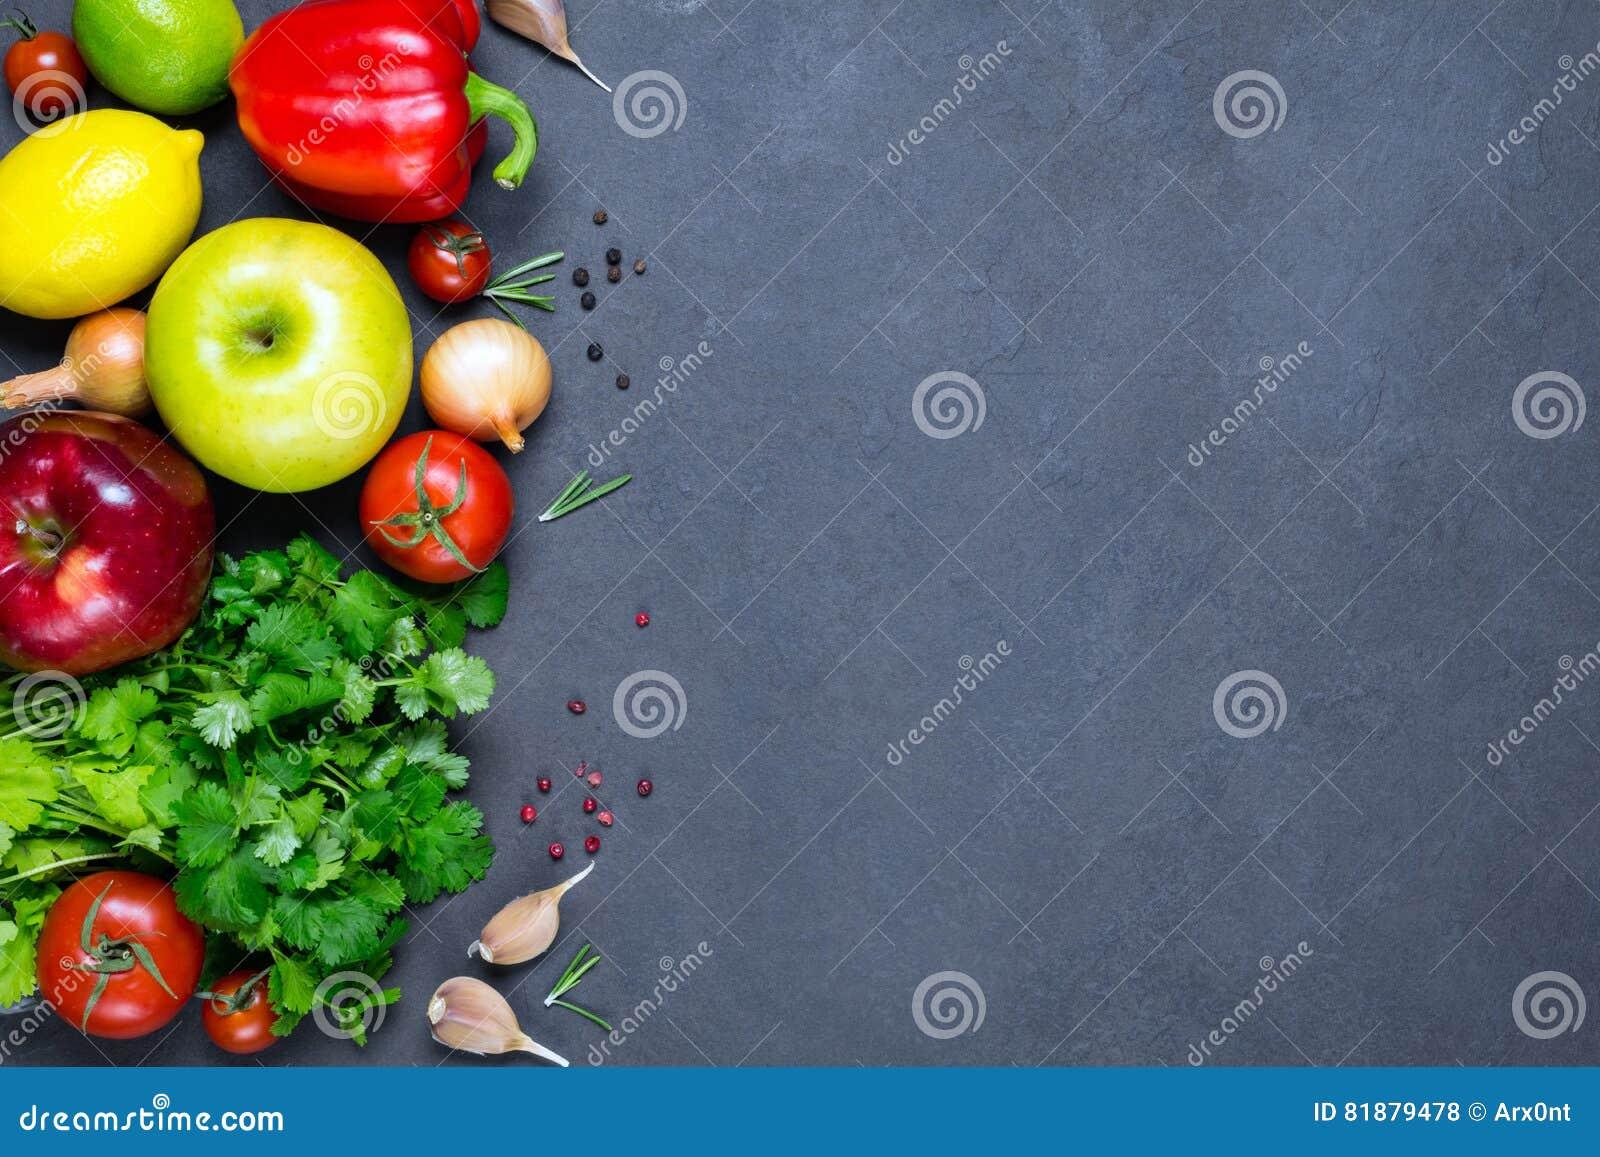 Grönsaker, kryddor och frukter, ingredienser för ny mat